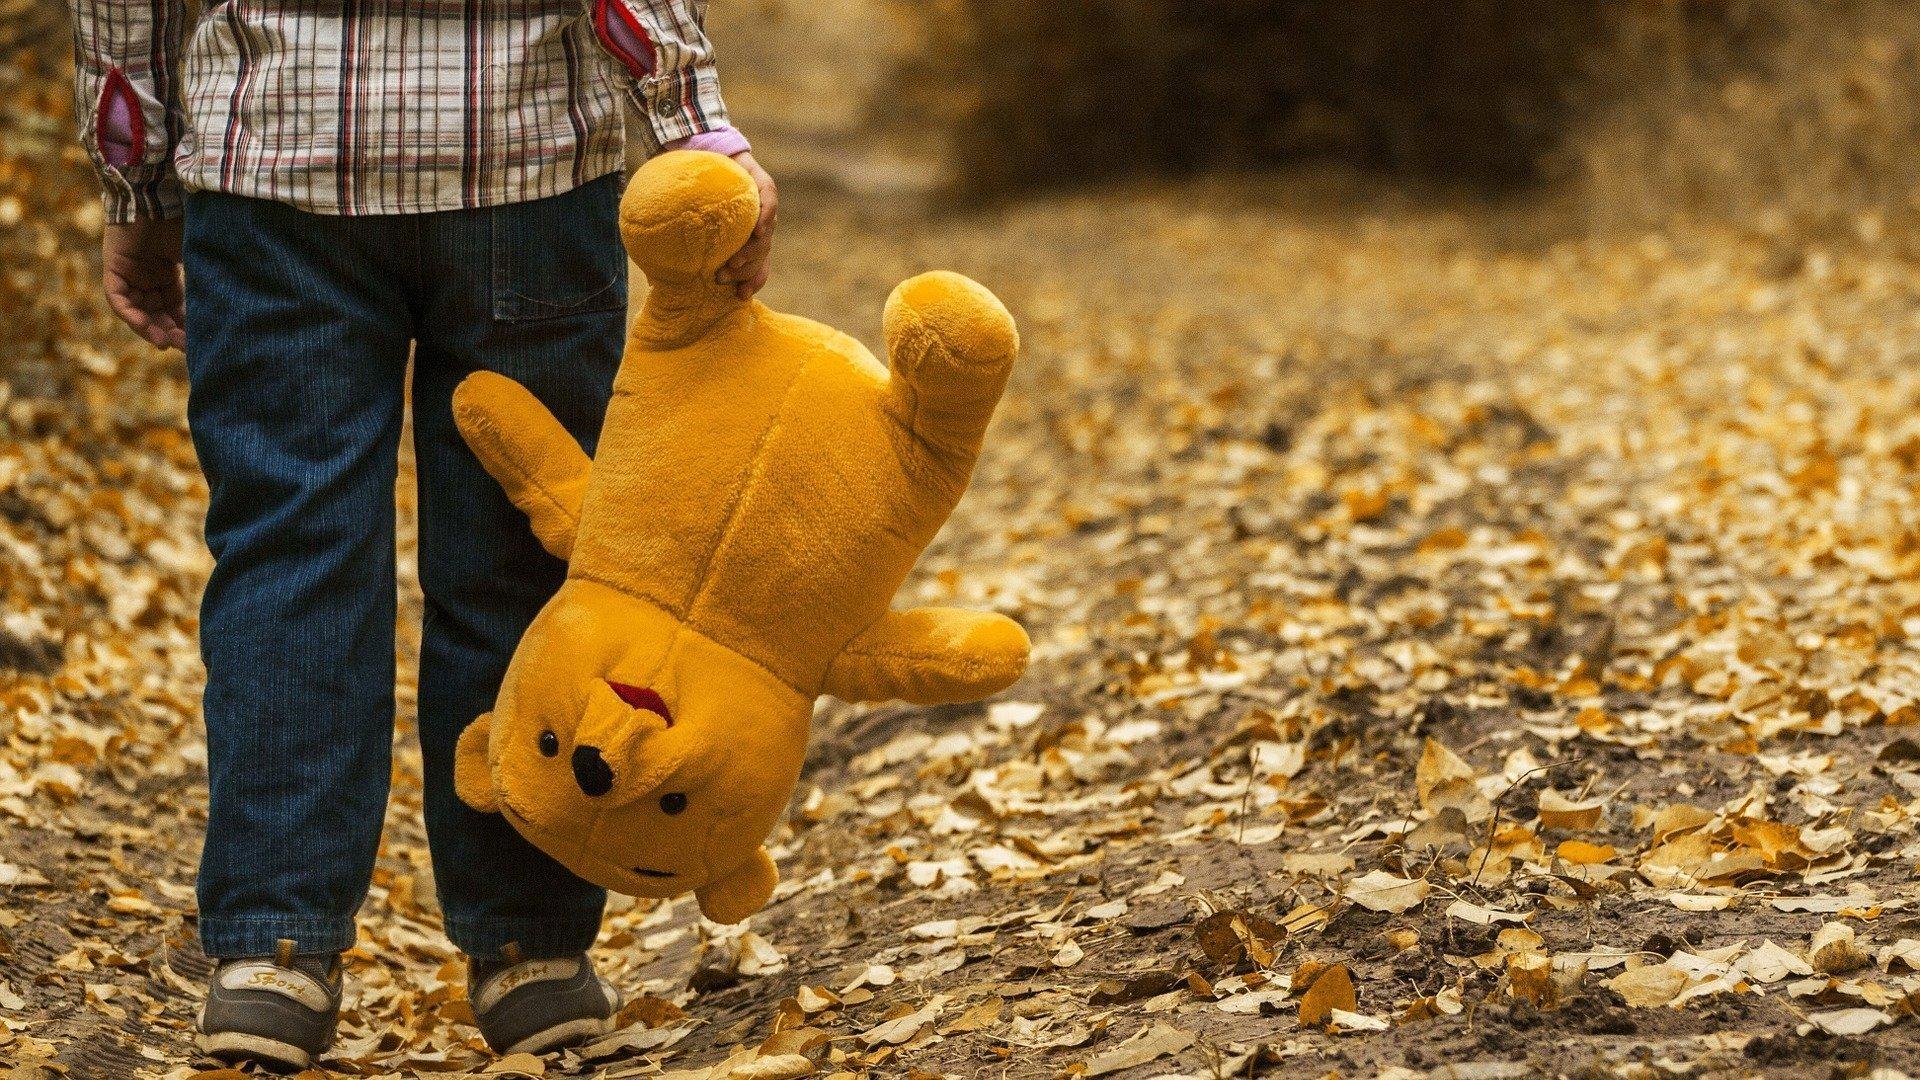 Ein kleines Kind, dessen Kopf man nicht sieht, geht mit seinem Teddy-Bär auf einem Weg, auf dem bunte Blätter liegen.